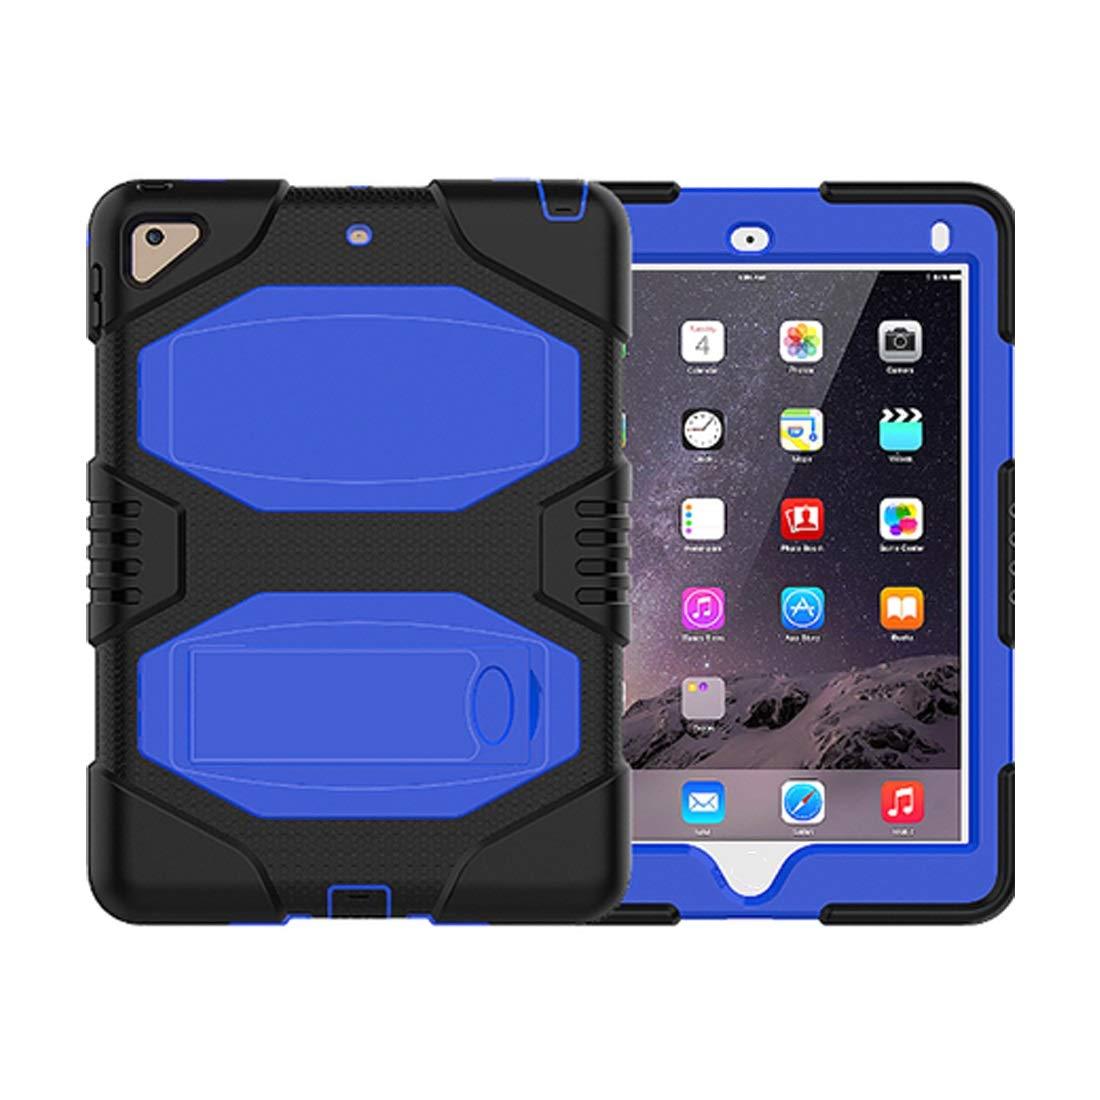 【スーパーセール】 MATCHANT iPad 2017 B07L5DL9W5 Mazarine/ MATCHANT 2018、Pro 9.7、Air2/ iPad6ケース、耐衝撃バンパーハードカバーハンドルスタンド、スクリーンプロテクター付き Air2/iPad6 MATCHANT Air2/iPad6 Mazarine B07L5DL9W5, Pet館ペット館:aac7a702 --- a0267596.xsph.ru